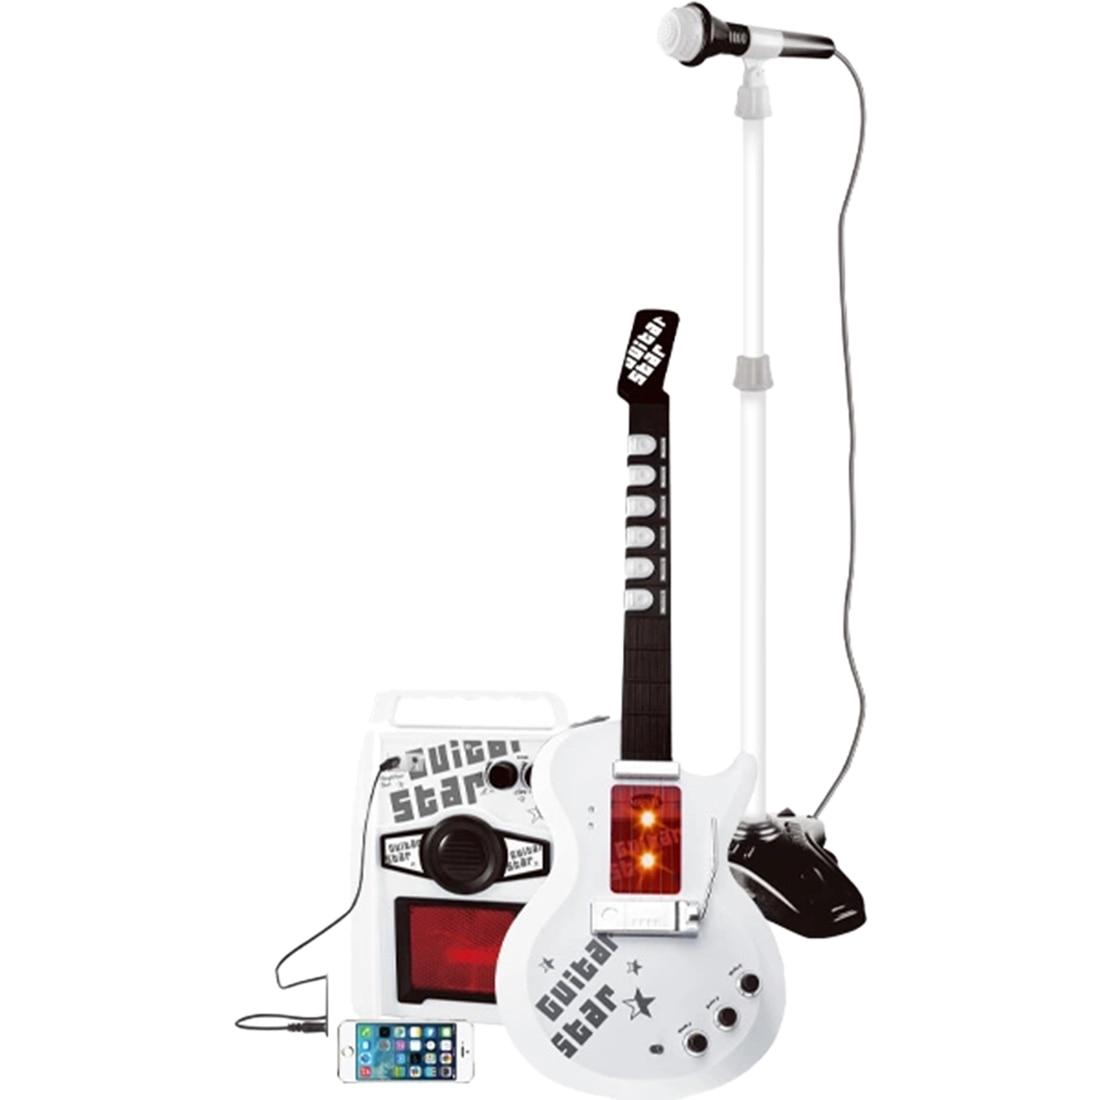 Crianças brinquedo musical eletrônico infravermelho guitarra elétrica